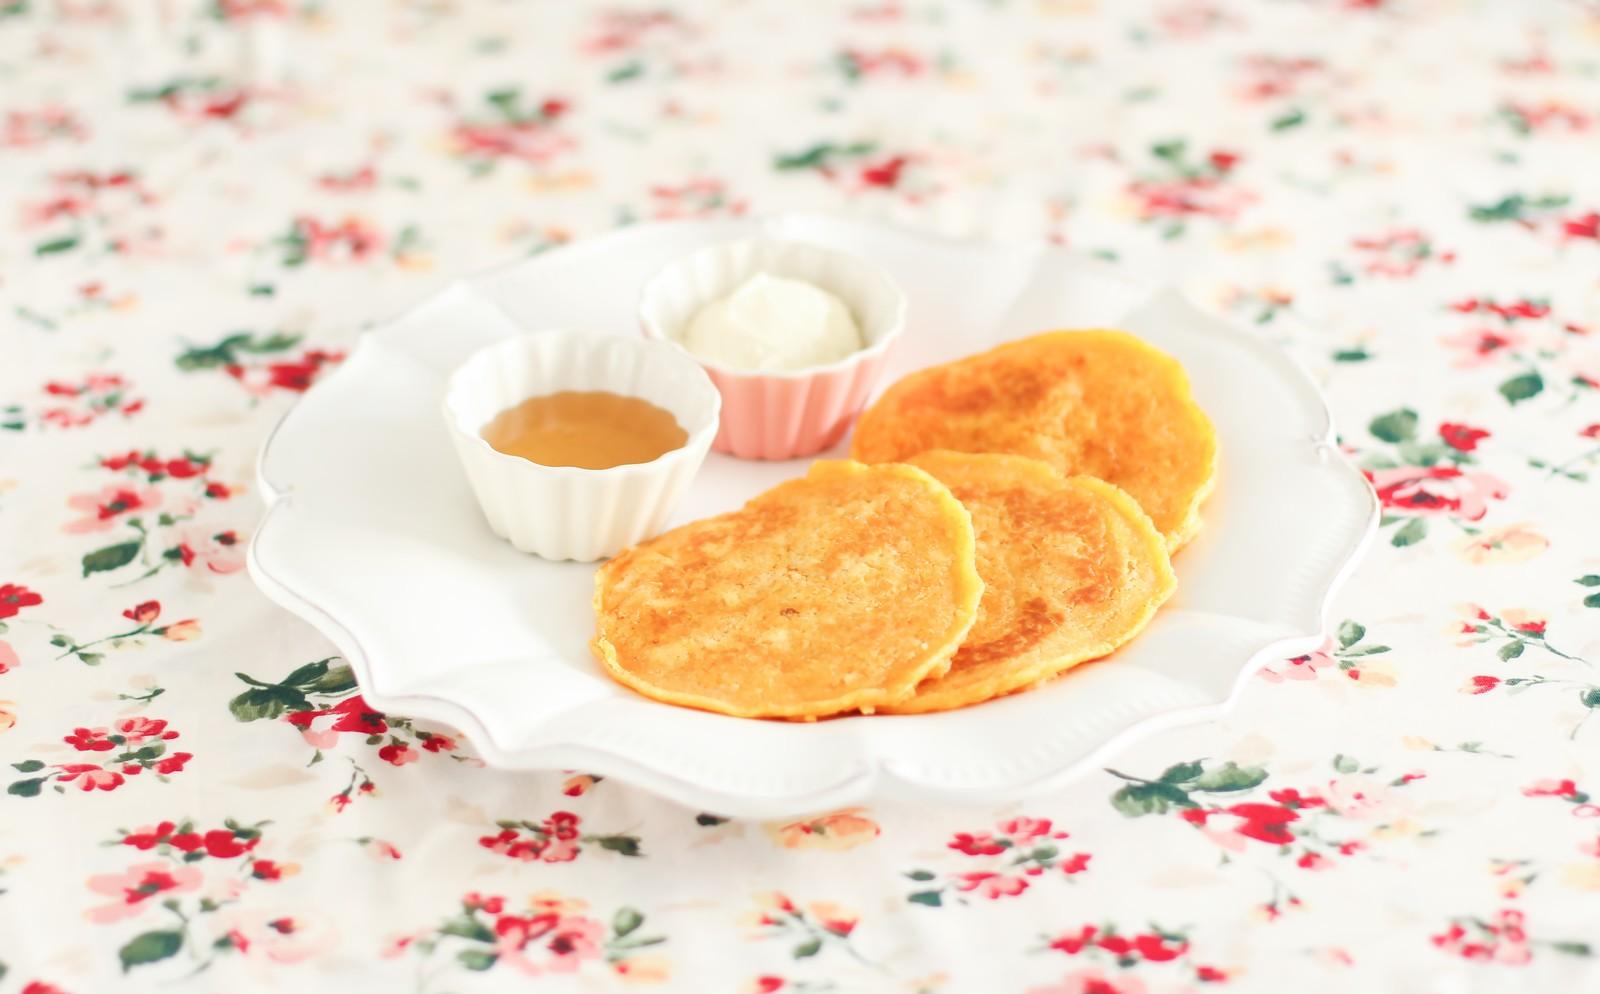 節分のおやつにぴったり!子供も食べられる簡単おやつレシピ3選